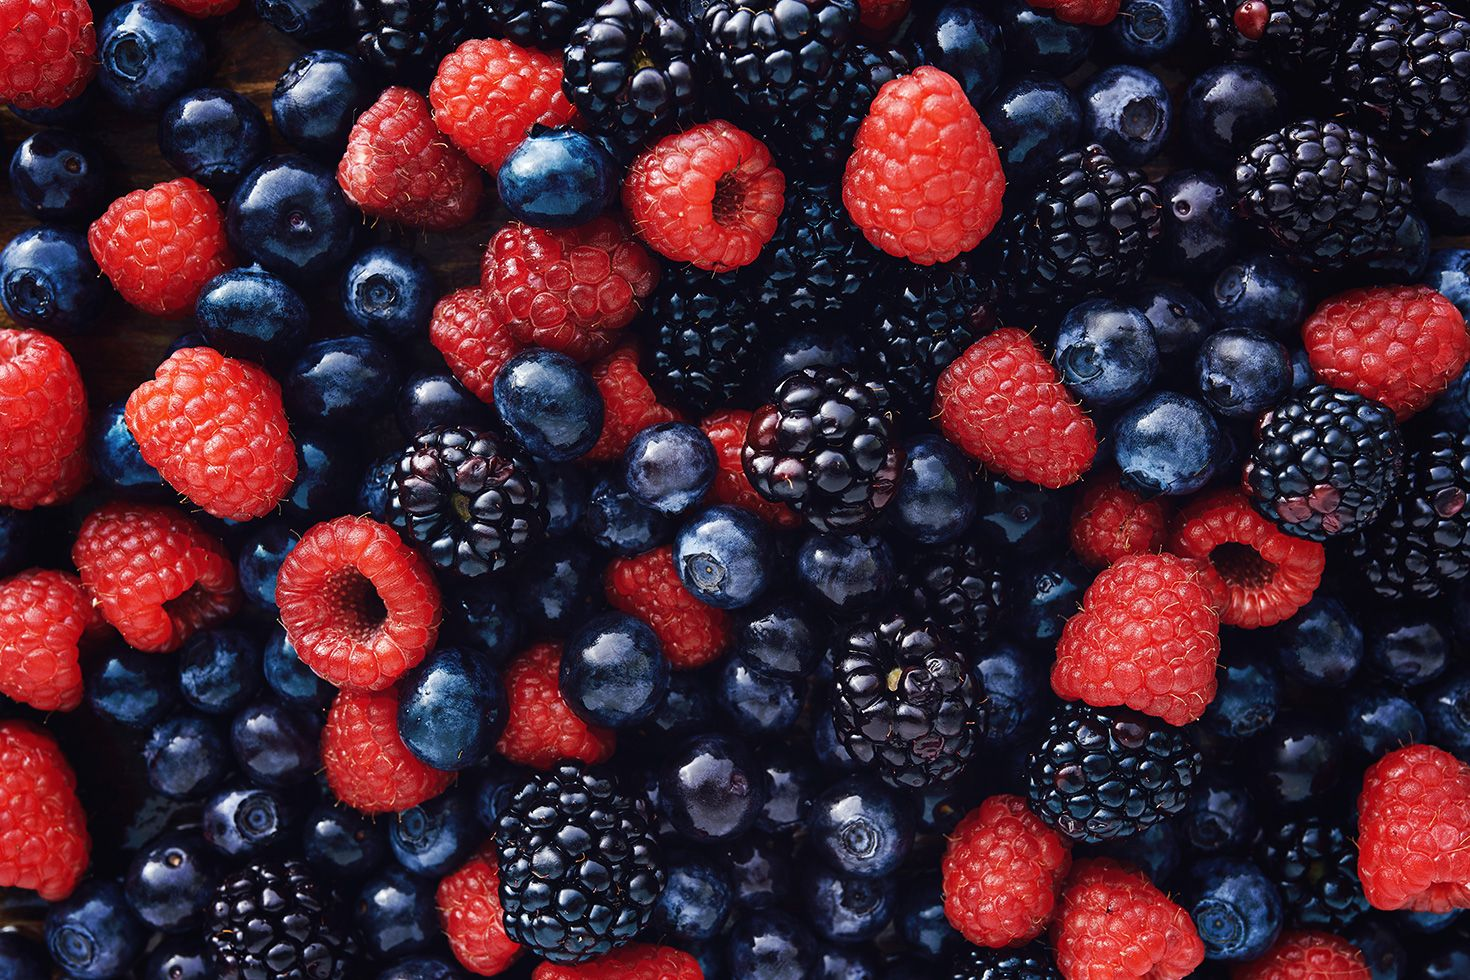 Blueberries raspberries and blackberries